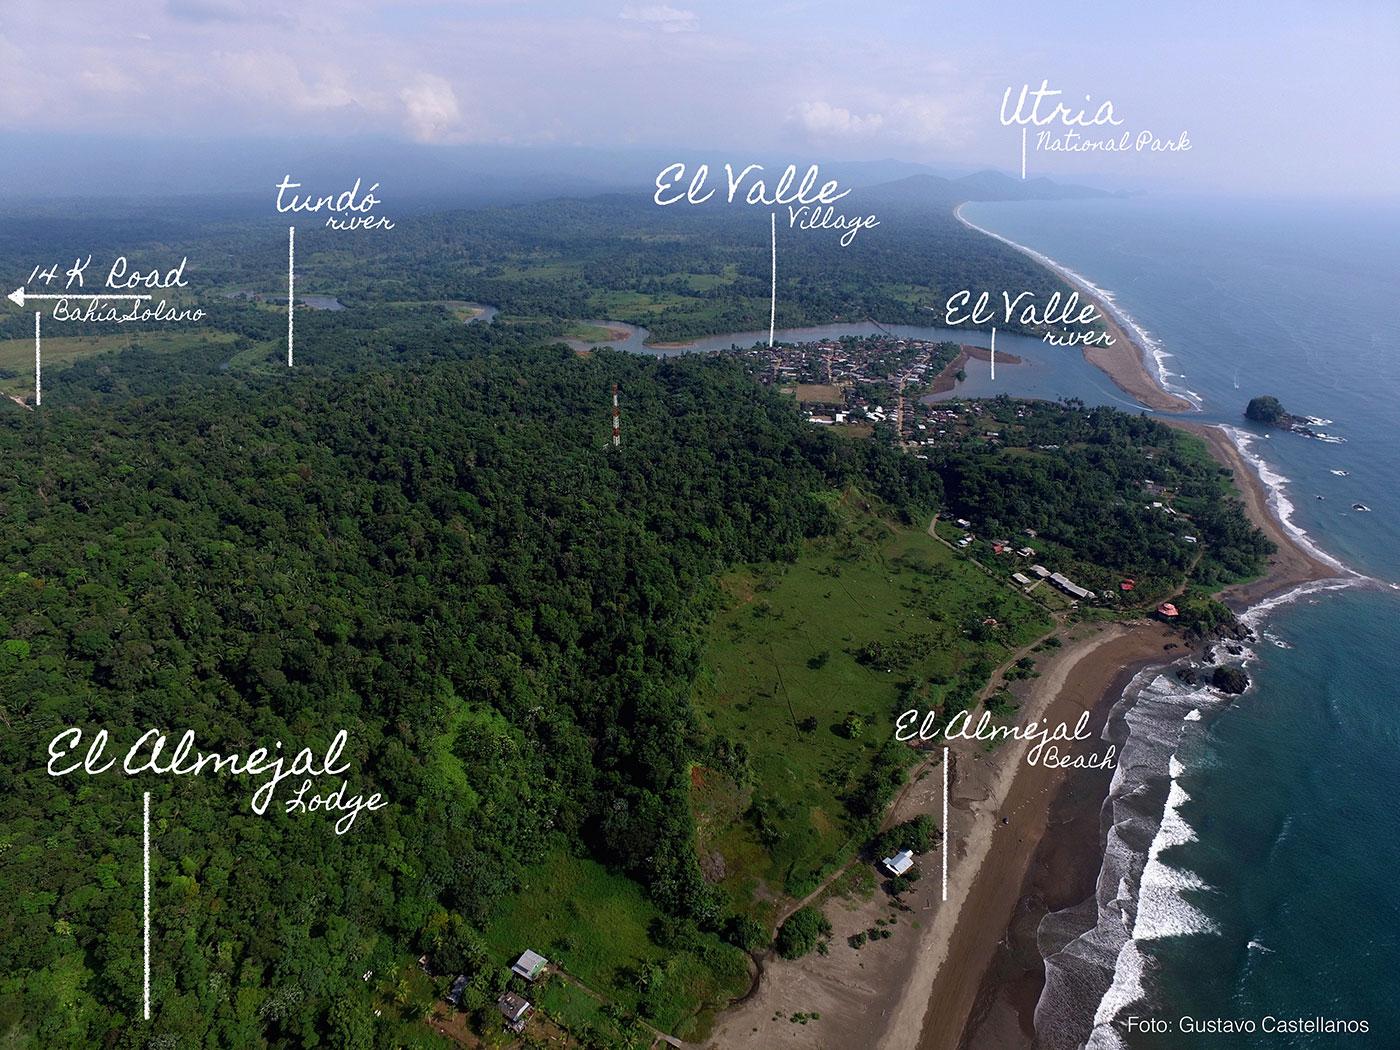 ubicacion hotel el almejal pacifico colombiano